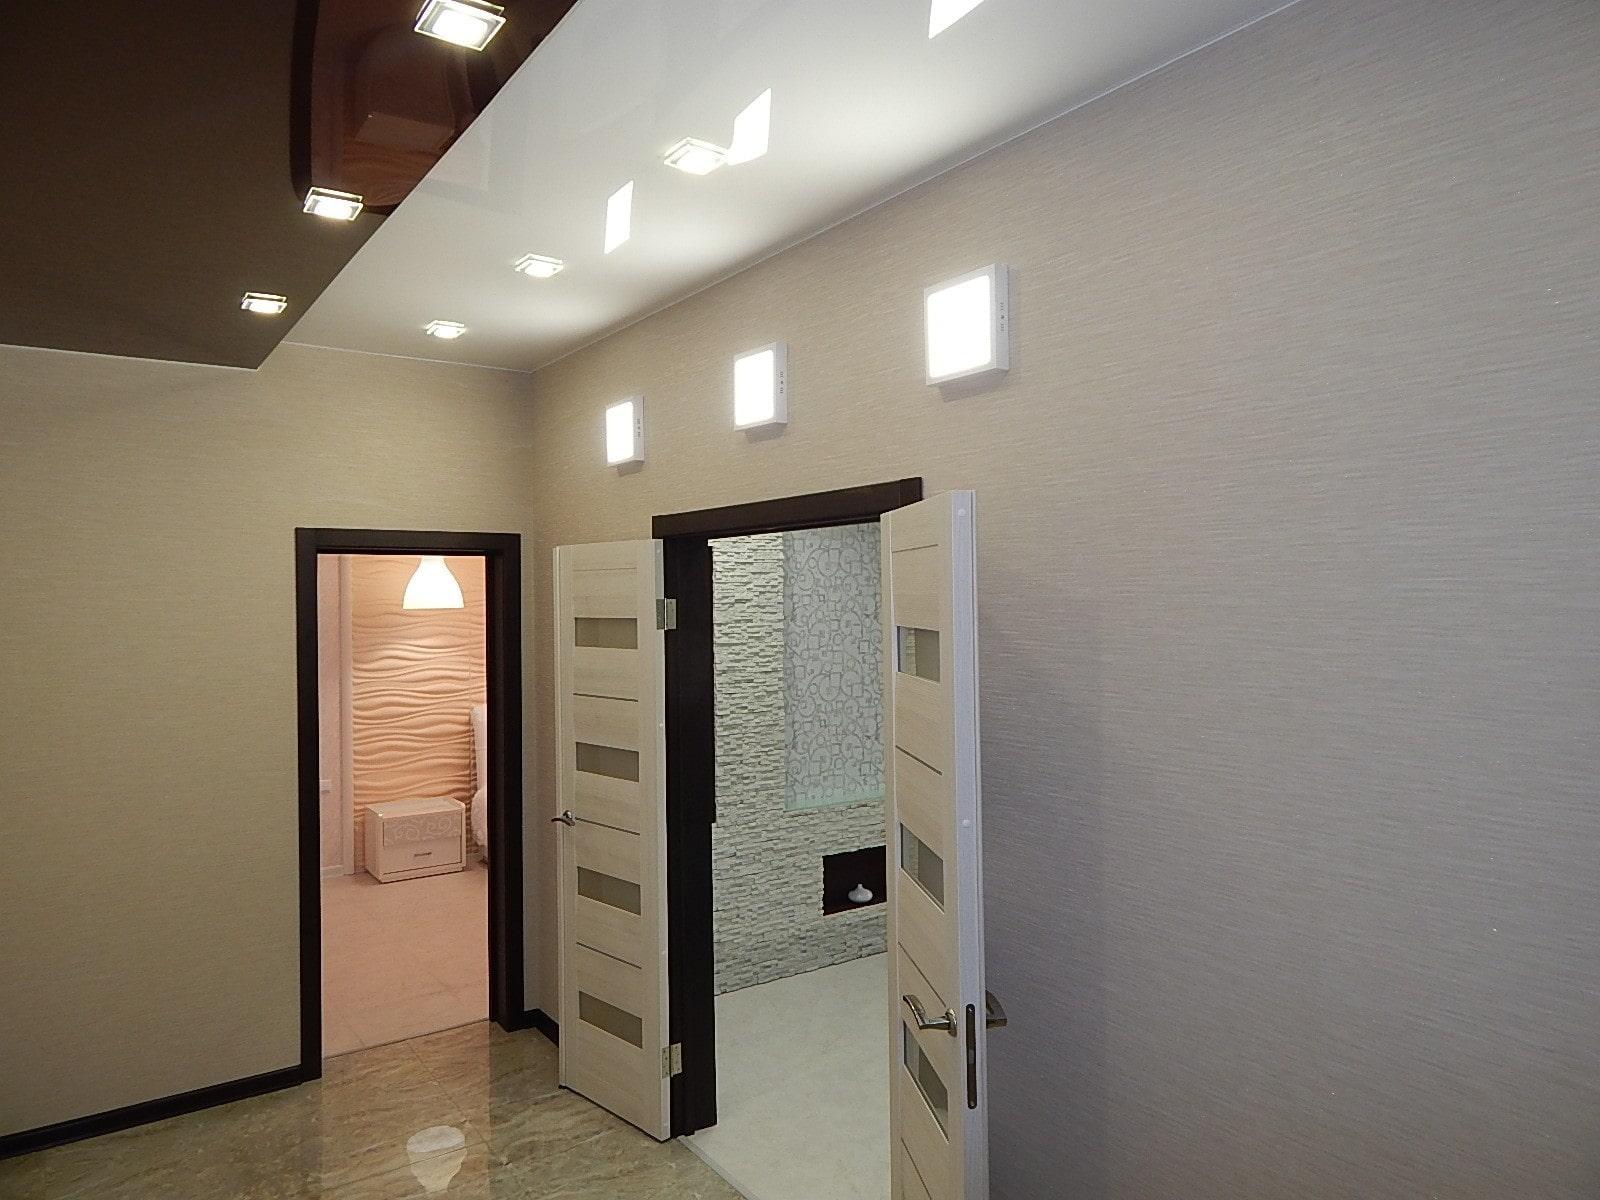 conception de couloir de plafond tendu